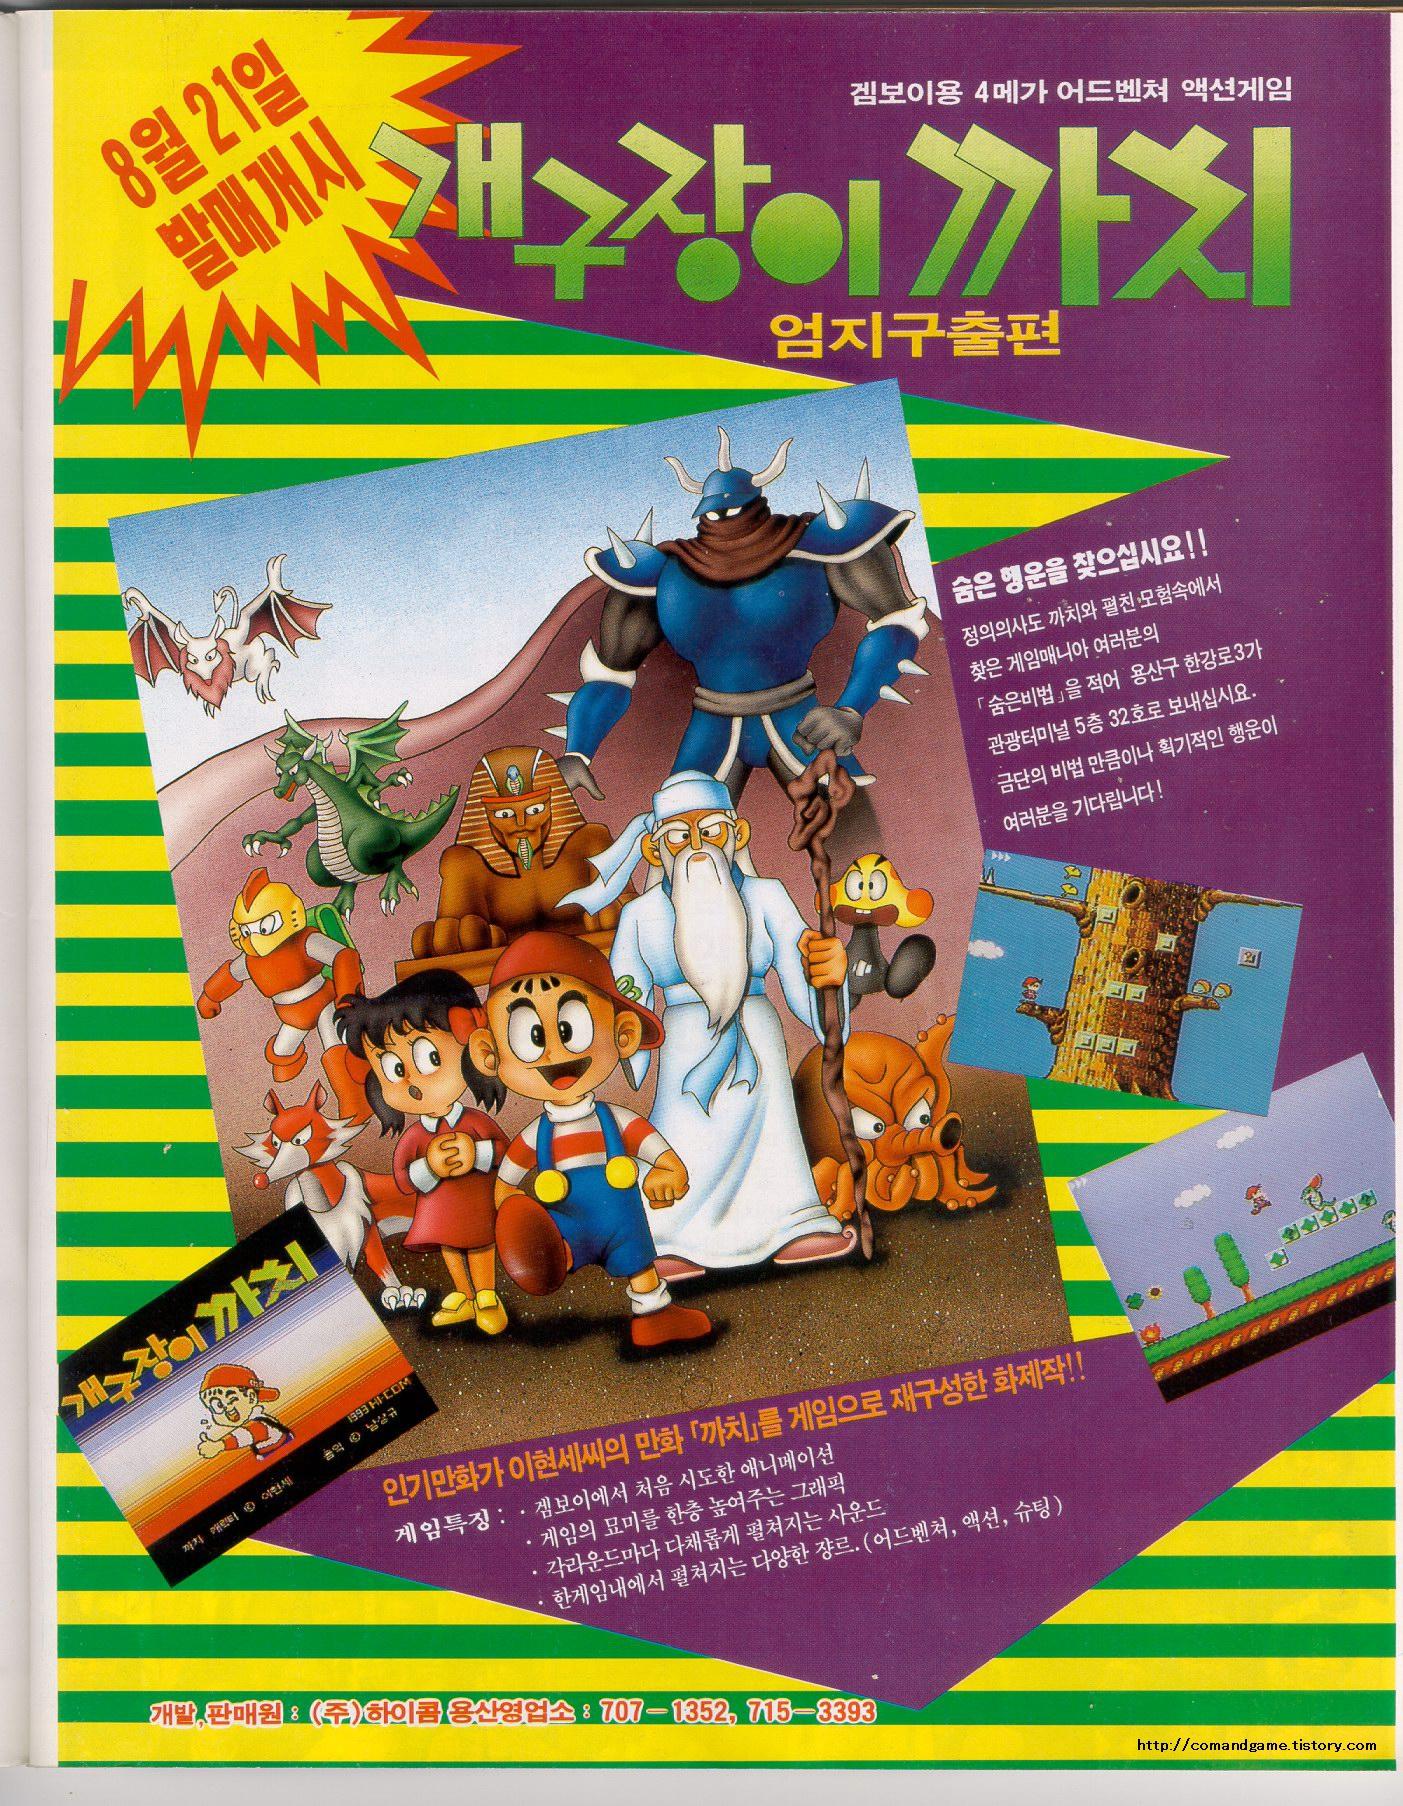 하이콤 - 겜보이용 국산게임 개구장이까치 (엄지구출편) 잡지 광고